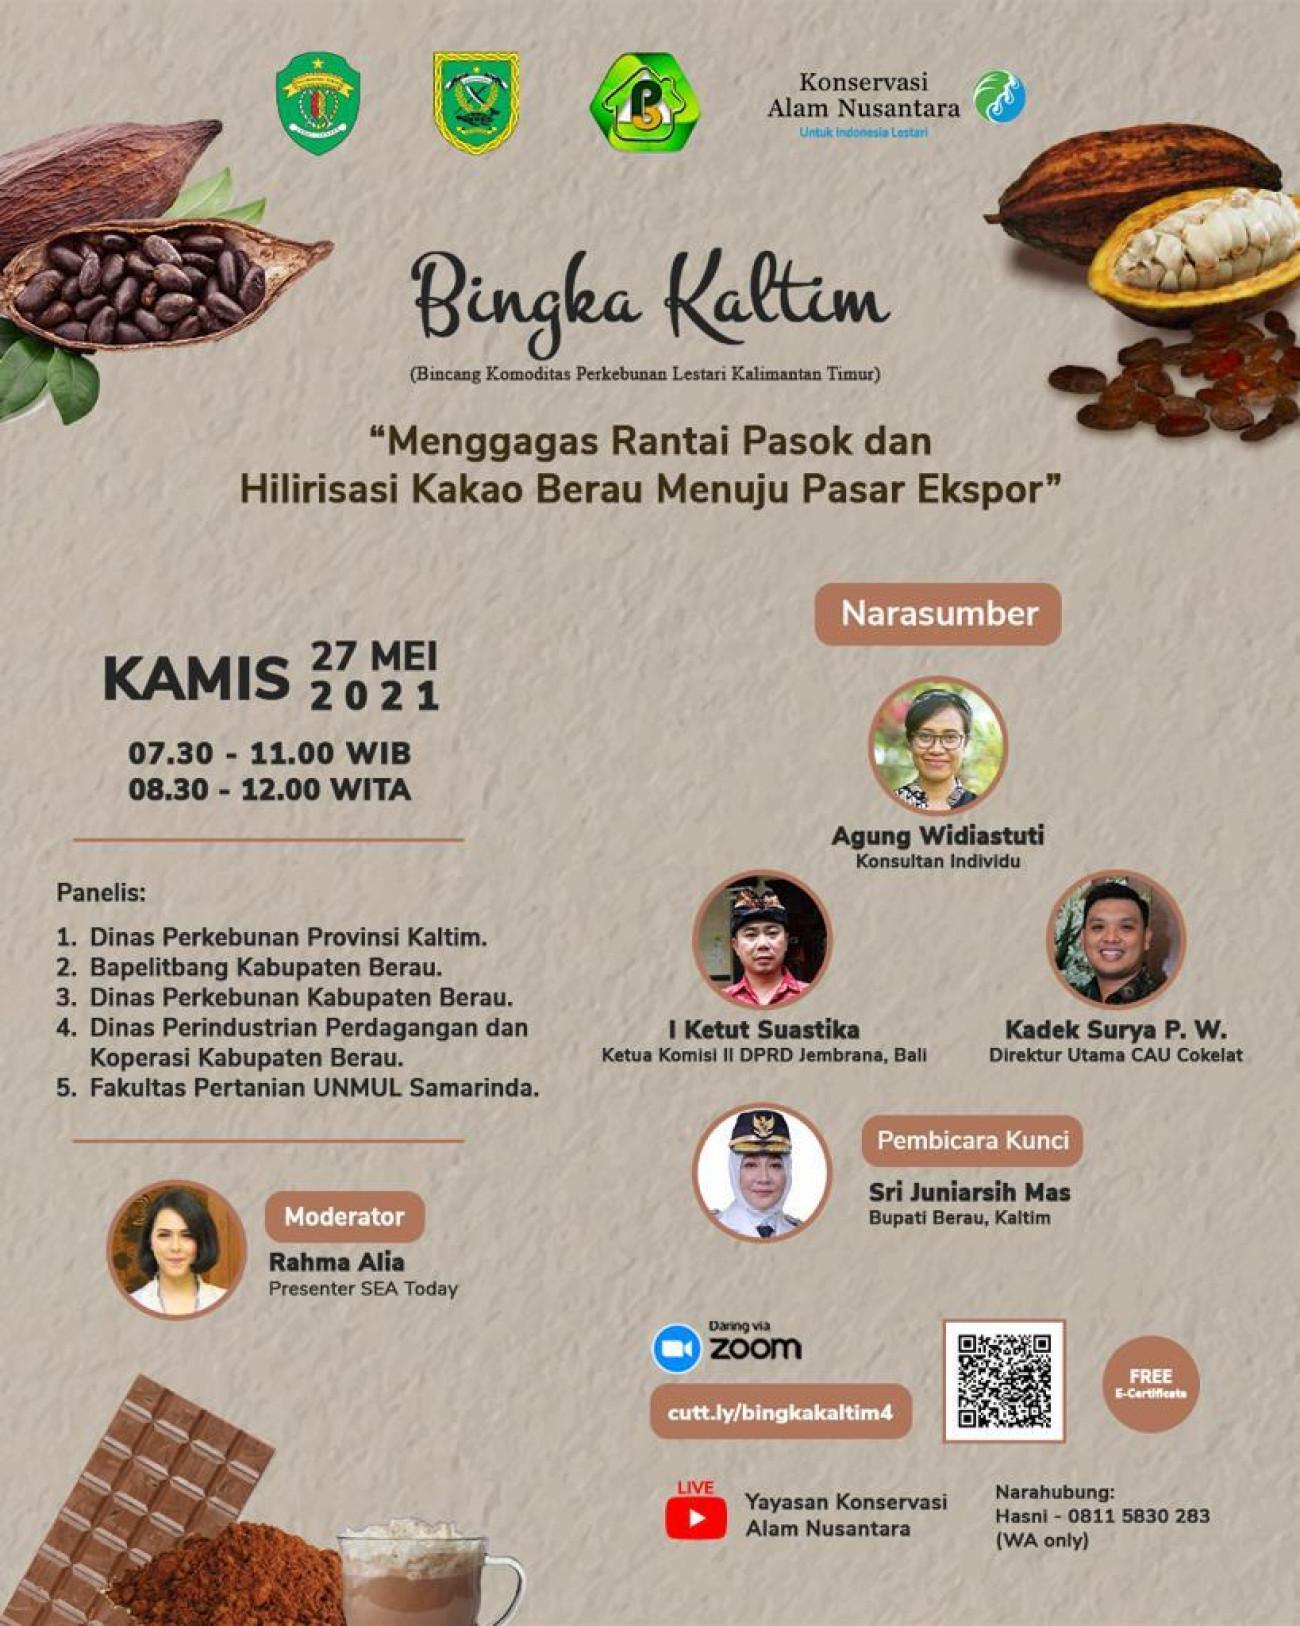 Bincang Komoditas Perkebunan Lestari Kalimantan Timur (Bingka Kaltim) #4